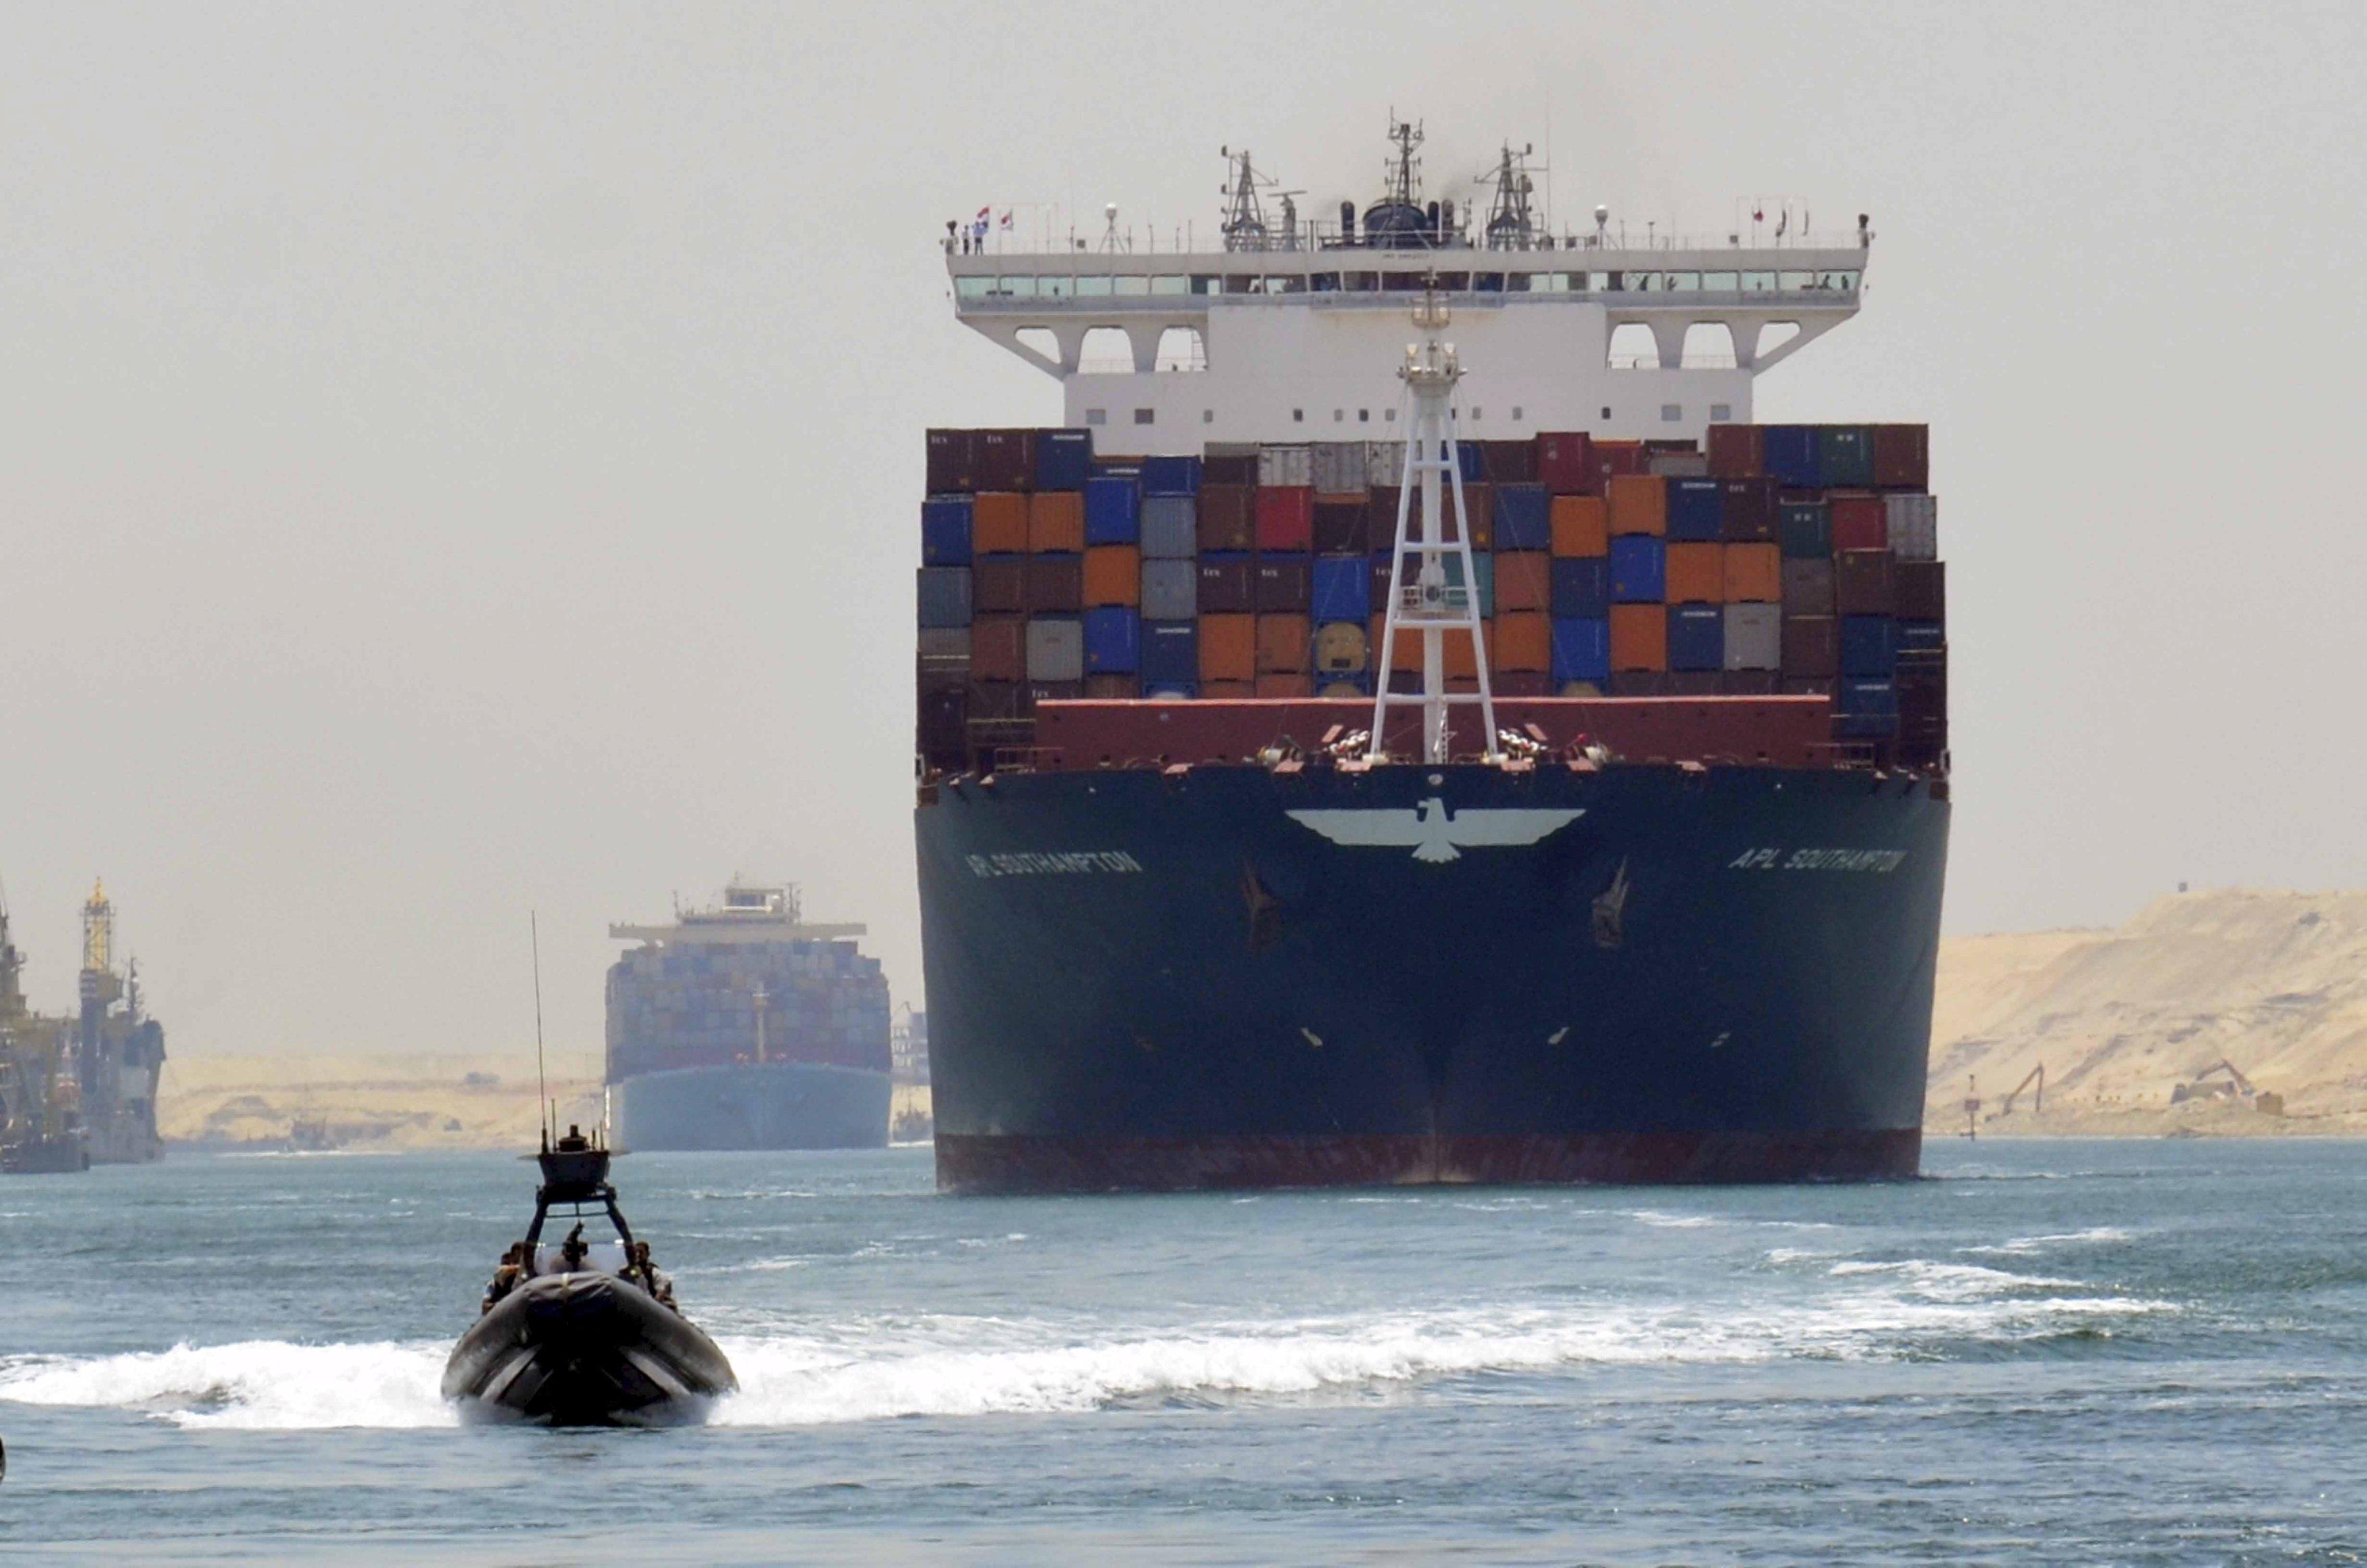 Egipto inaugura hoy la ampliación del Canal de Suez | Noticias | teleSUR